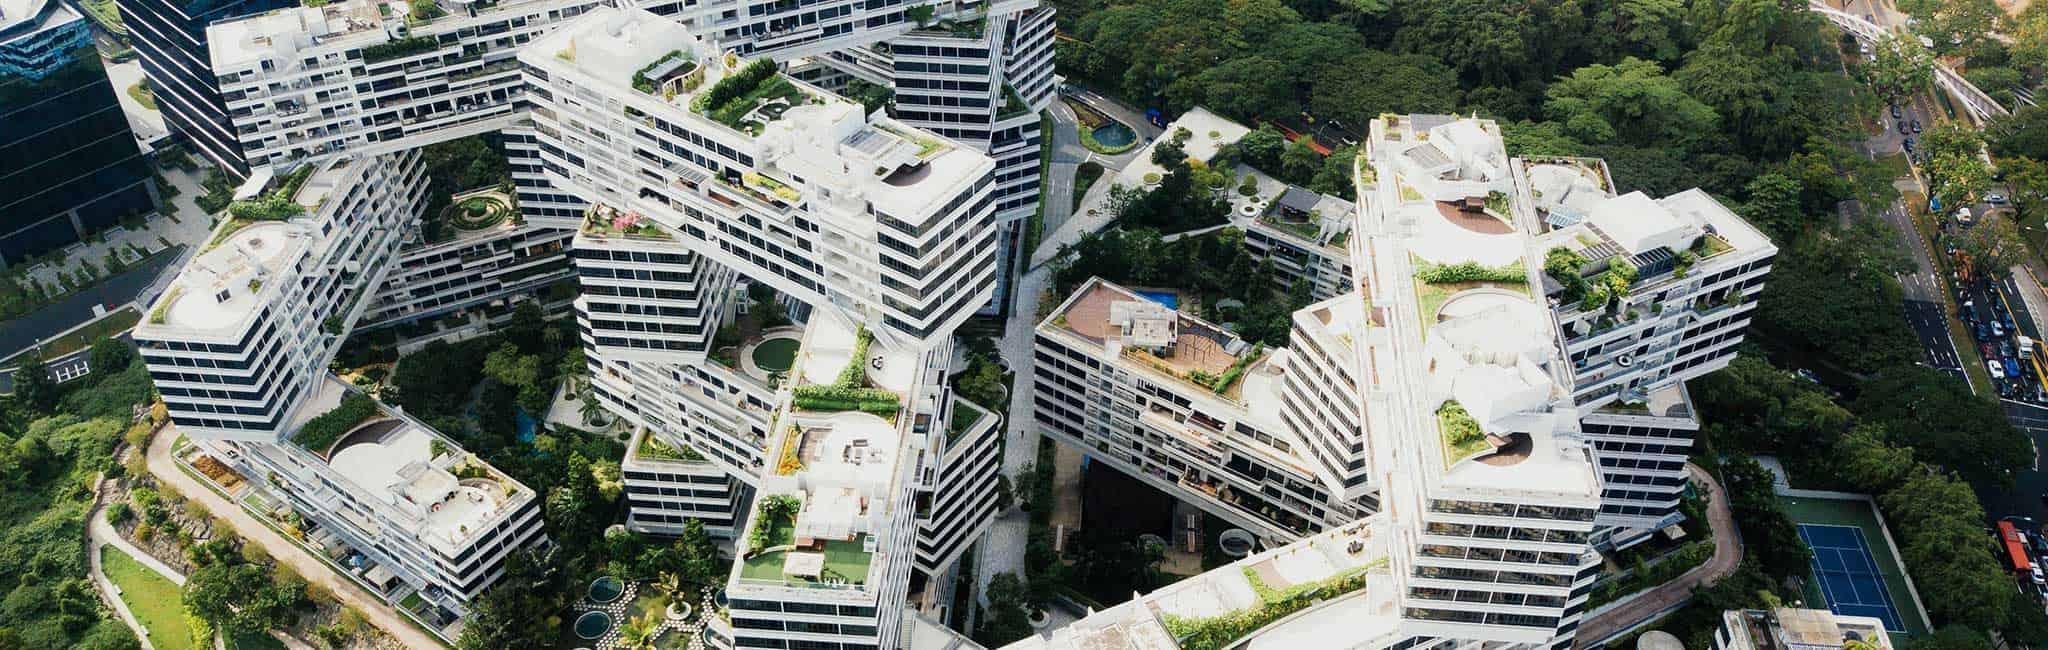 dove investire in immobili